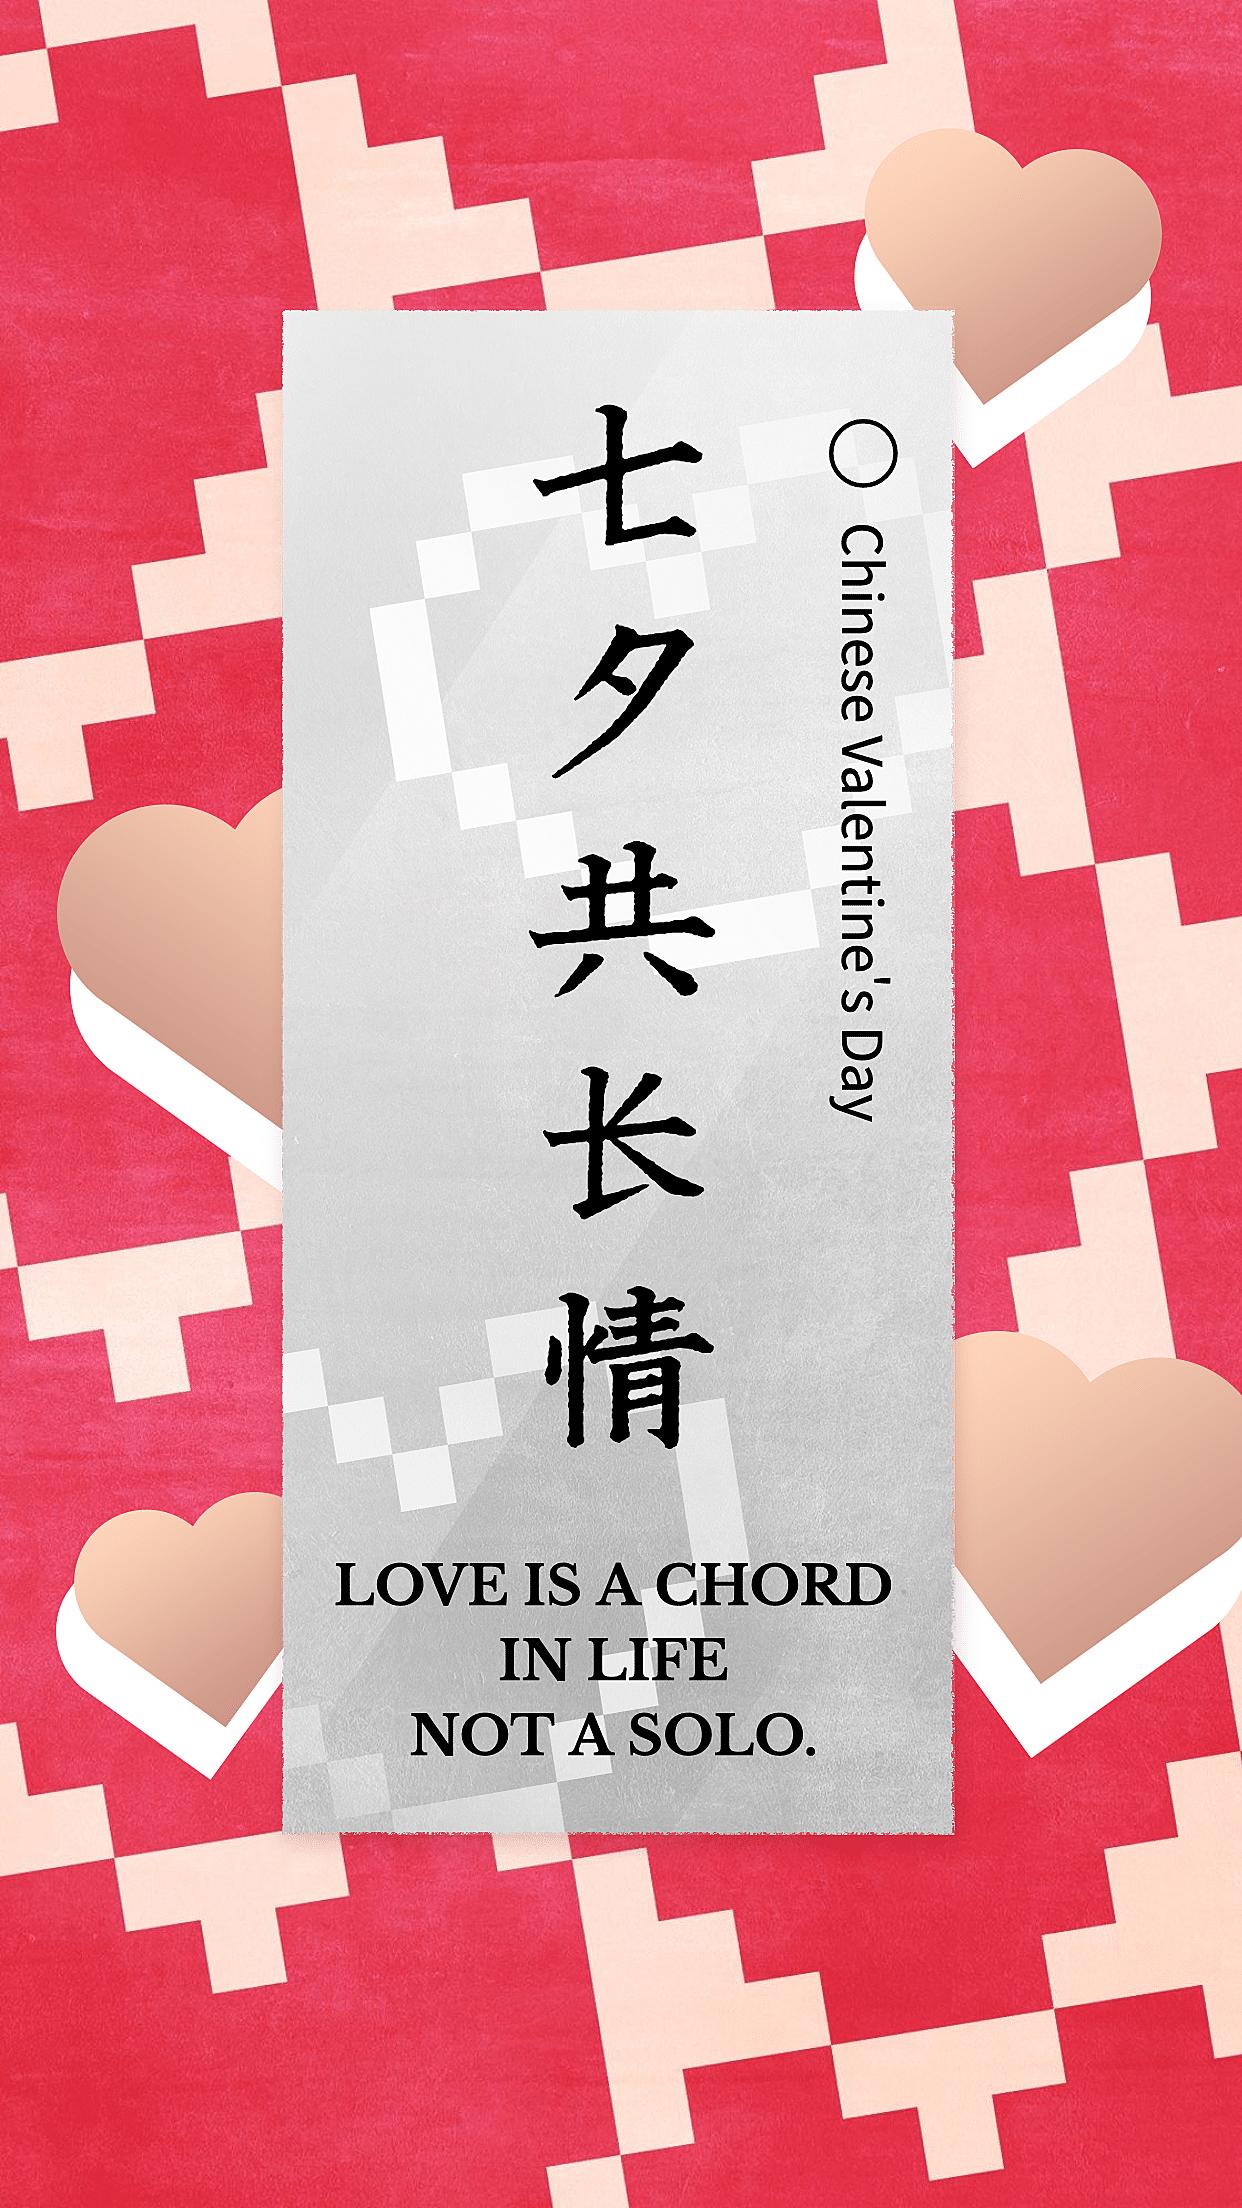 七夕情人节节日祝福贺卡海报纹样